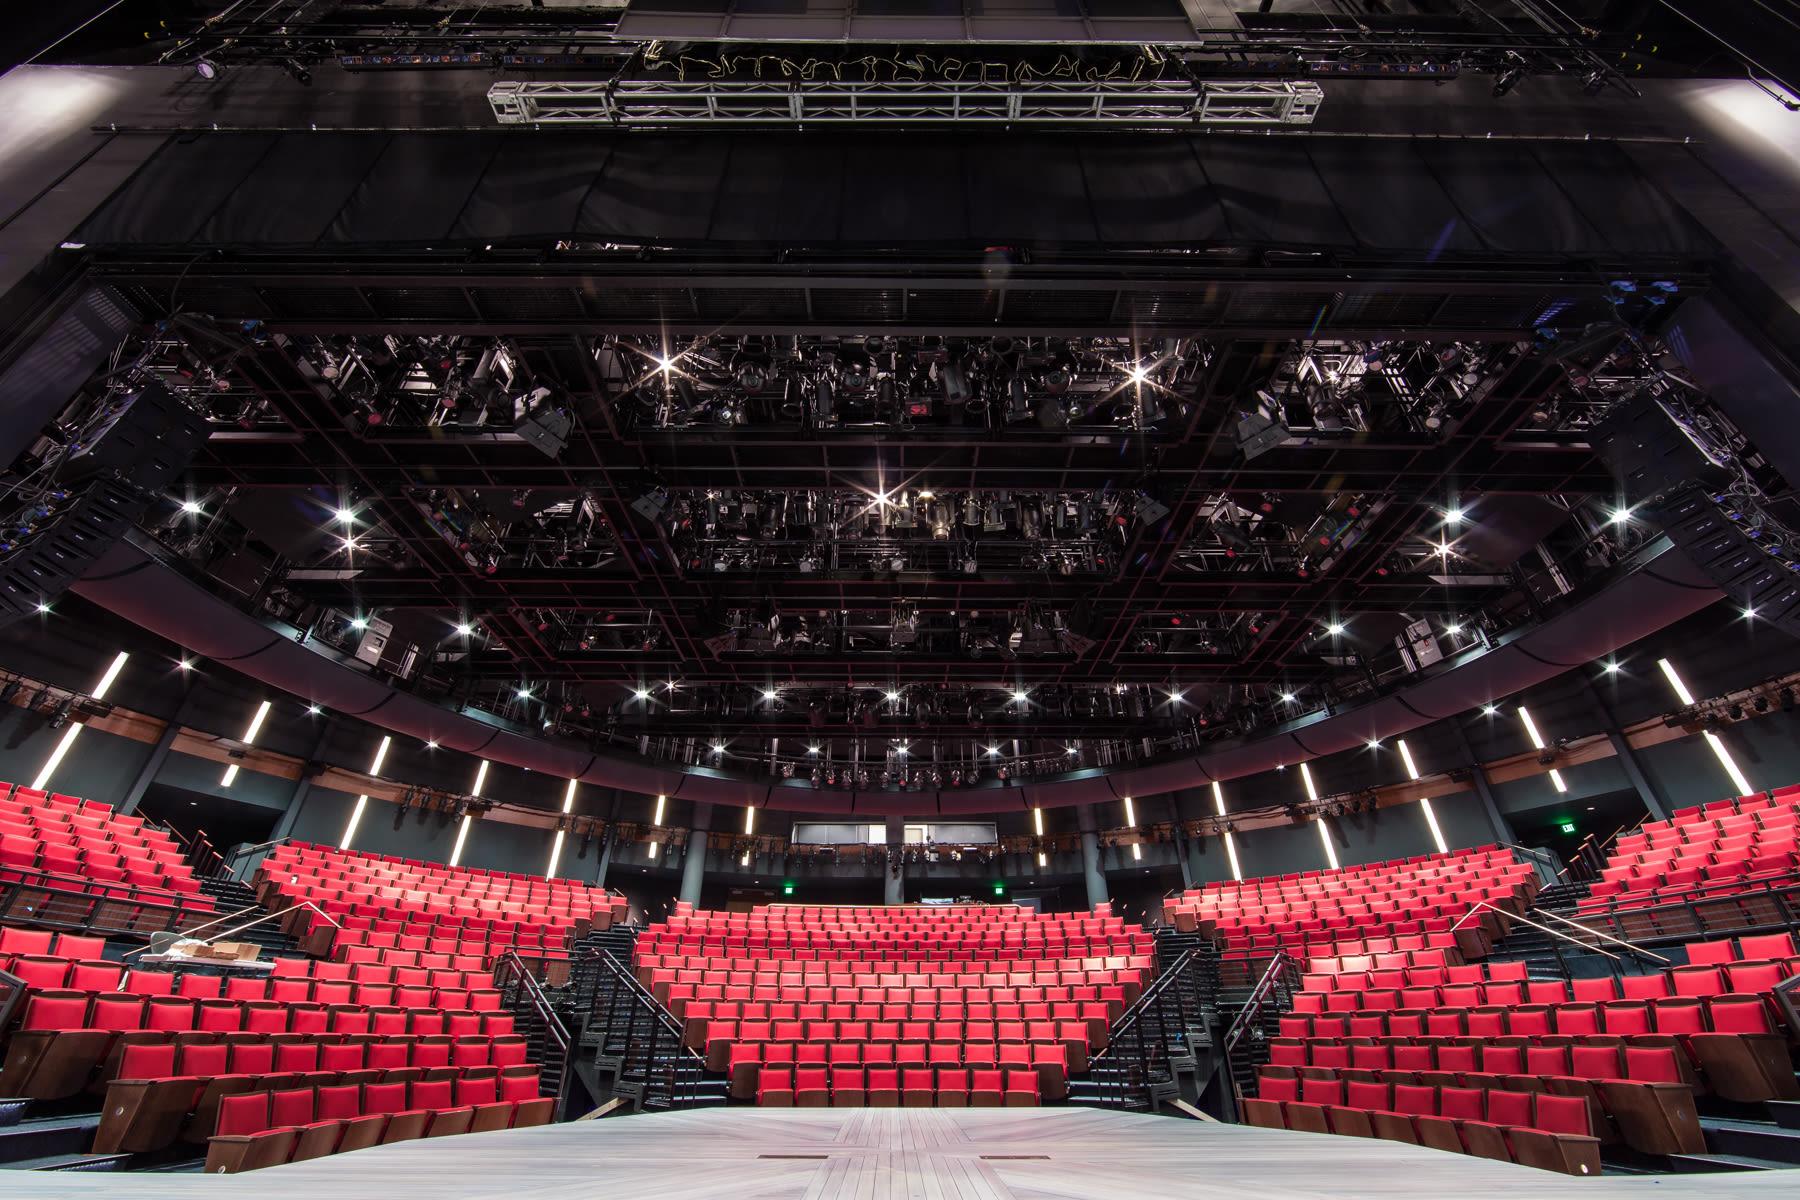 4 hubbard theatre r6md6t